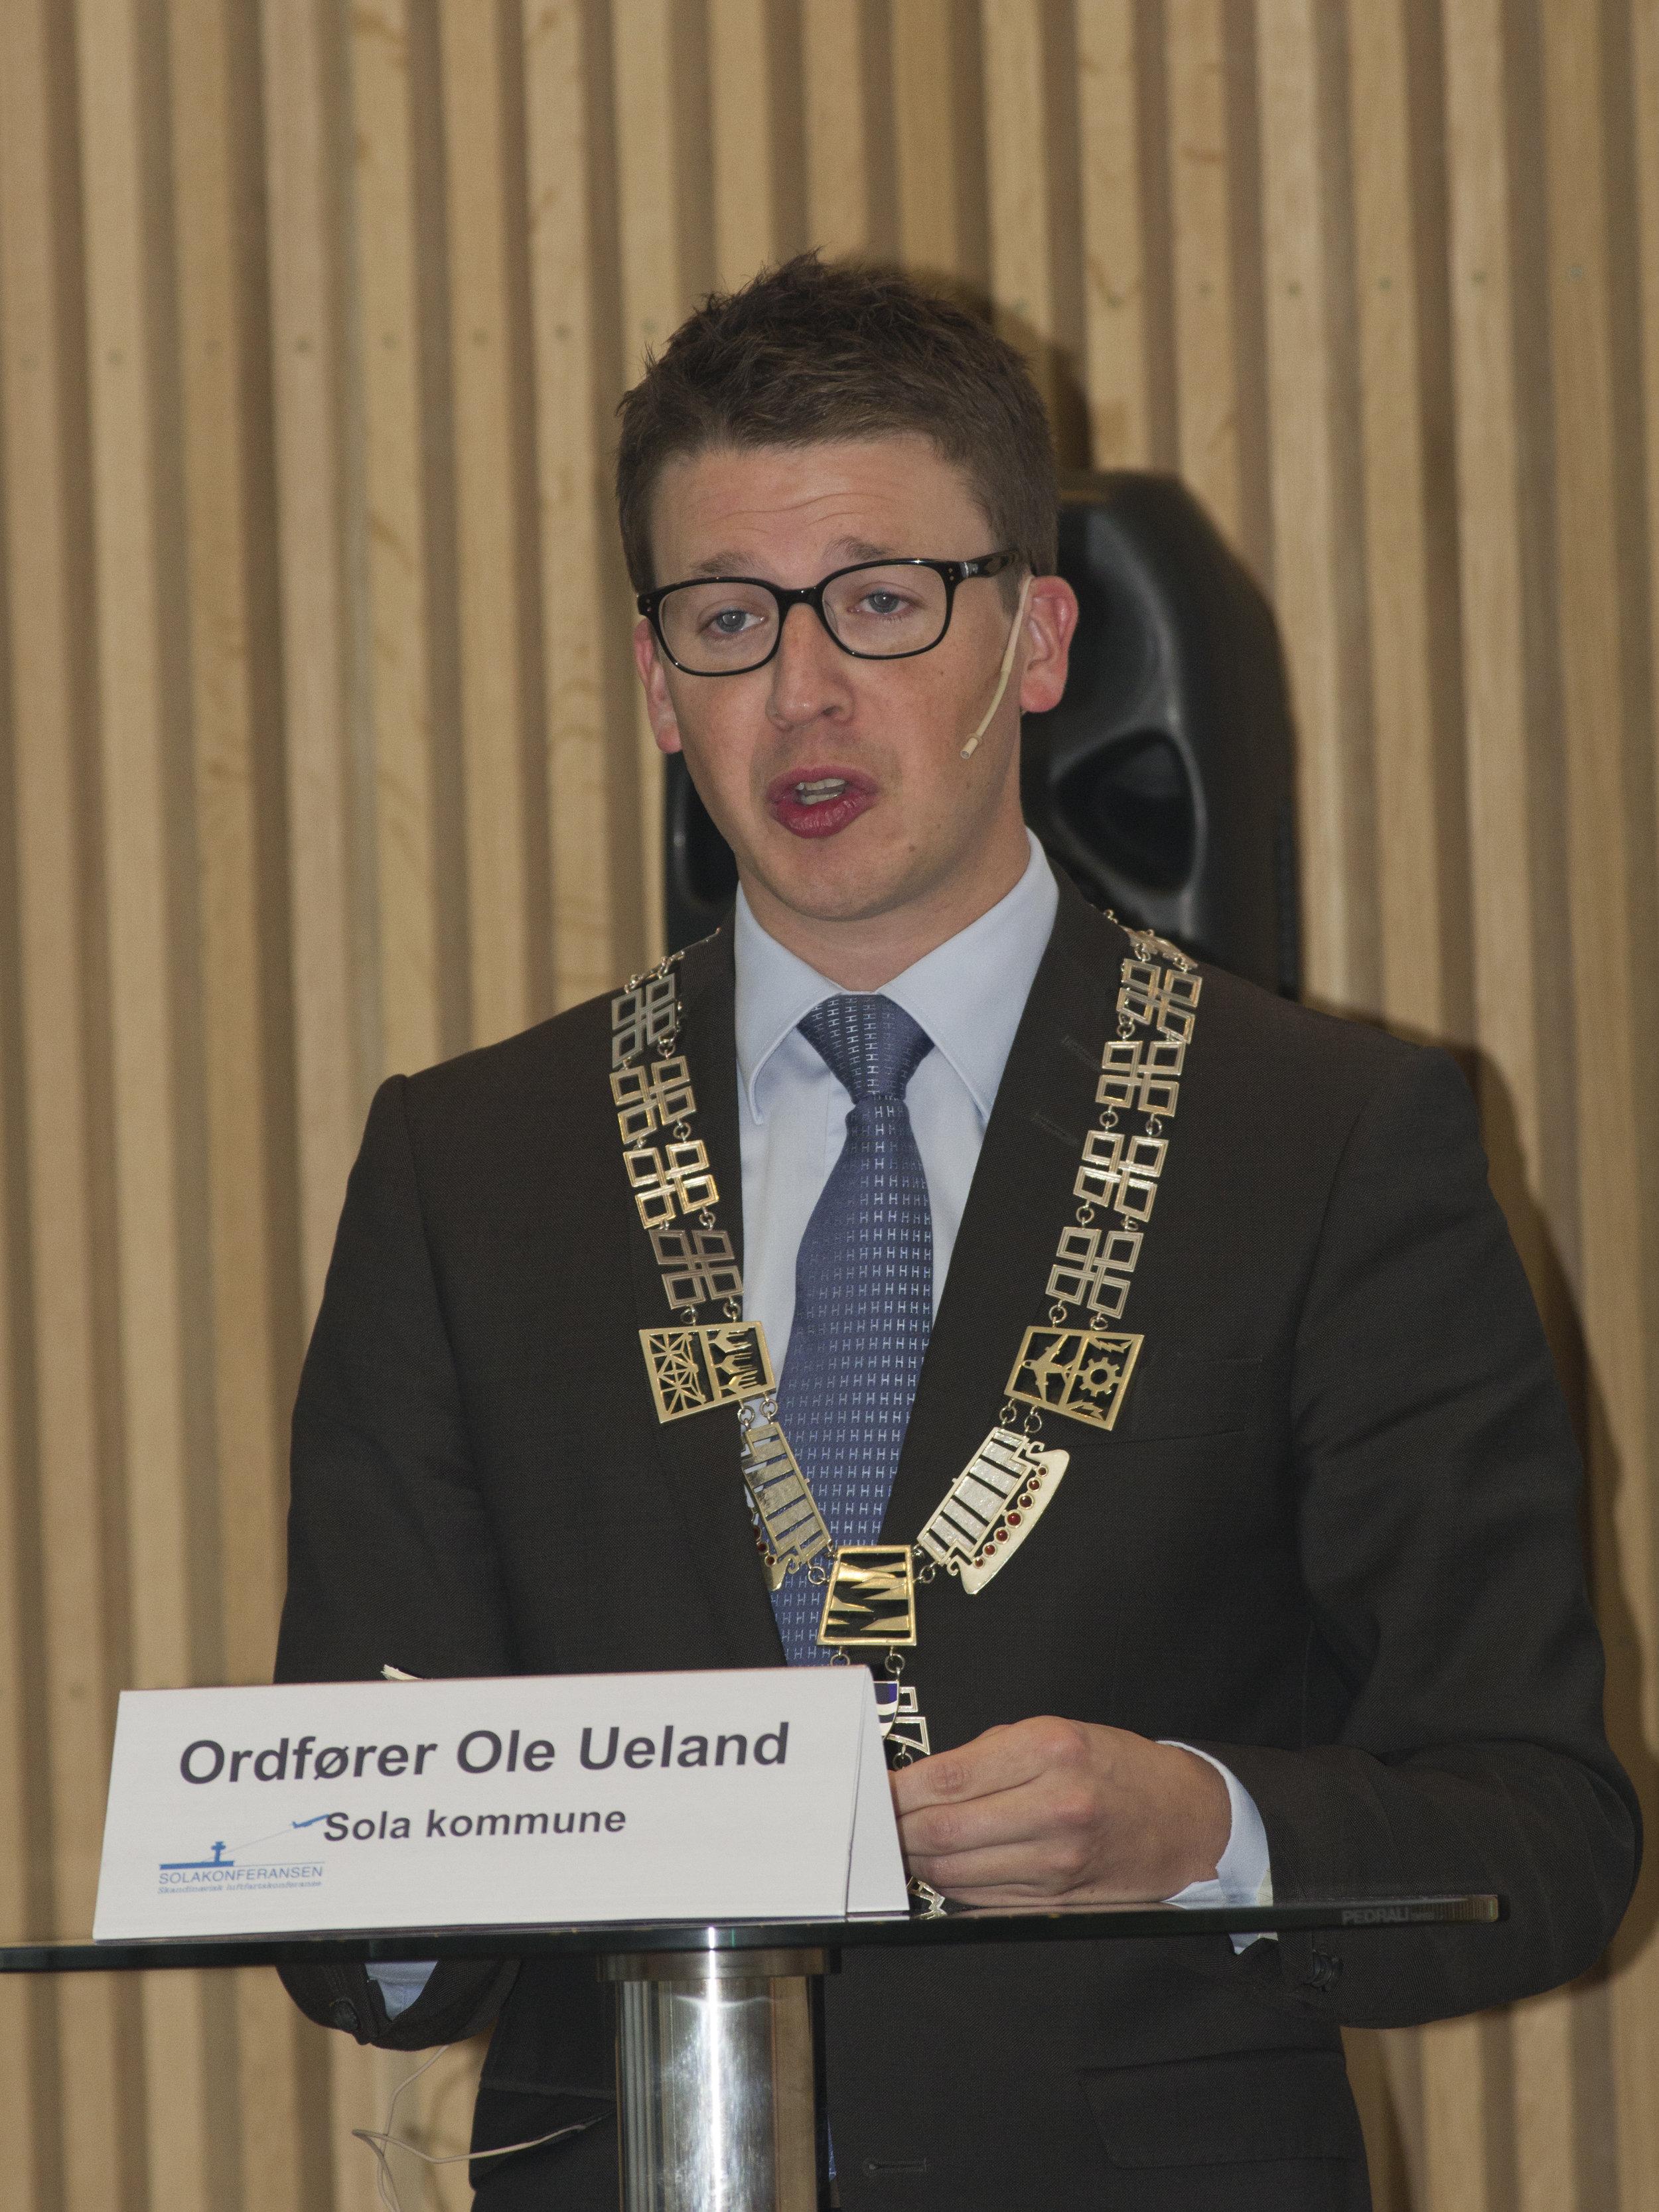 Ordfører Ole Ueland (5).JPG